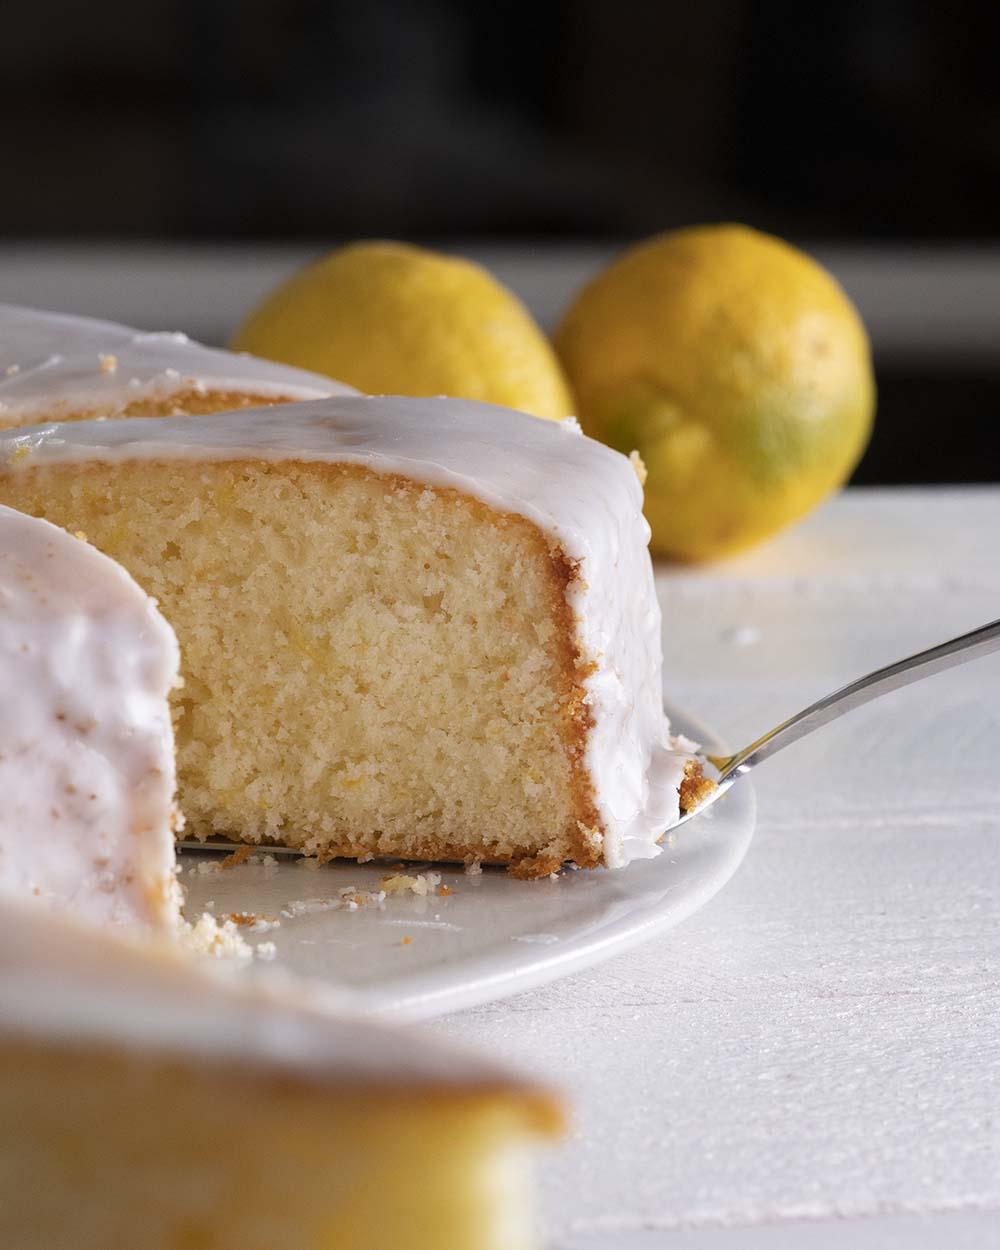 Nahaufnahme in das Innere des Zitronenkuchens. Zu sehen ist die fluffige Konsistenz.